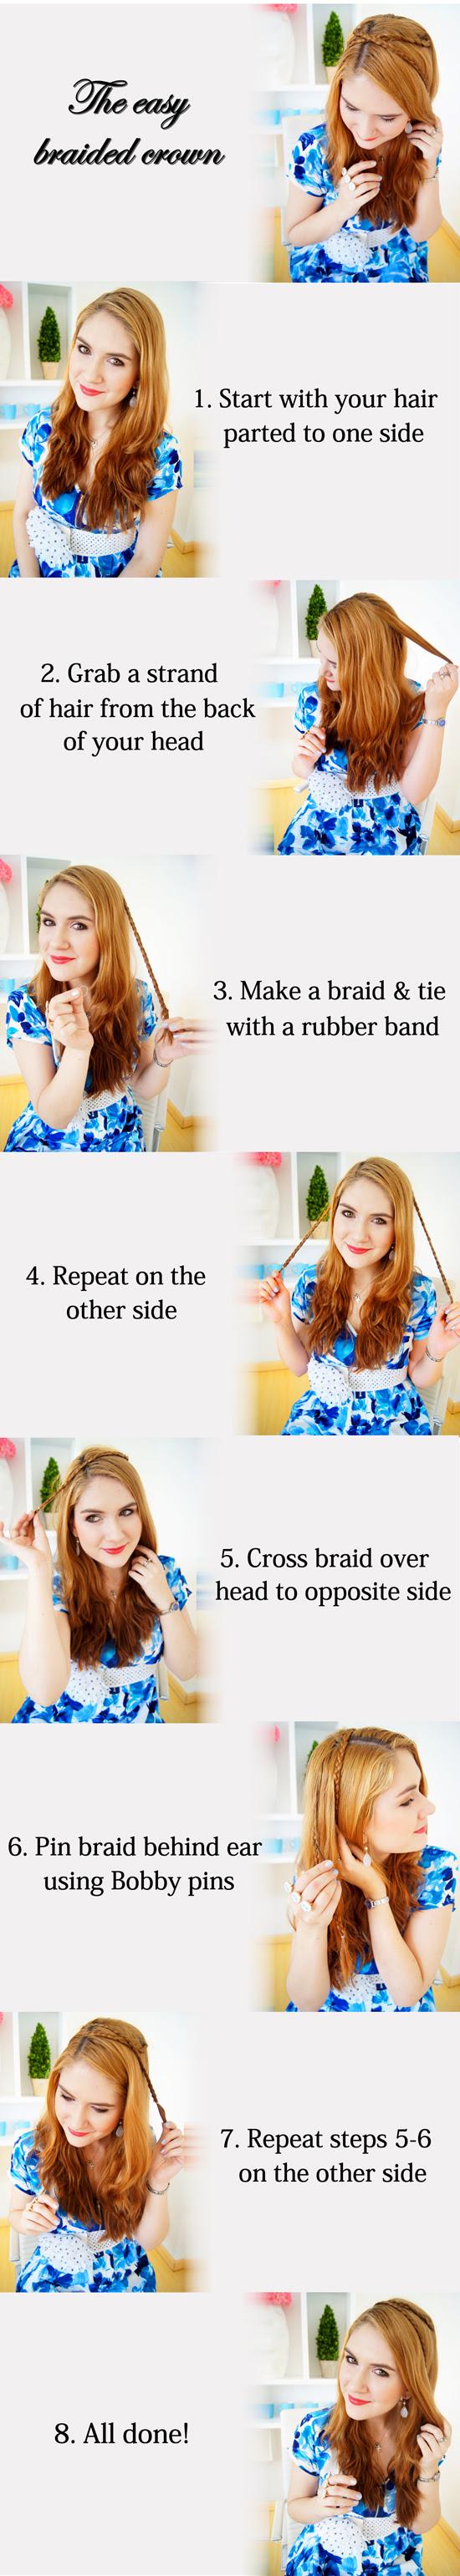 The Quick Braided Crown Hair tutorial